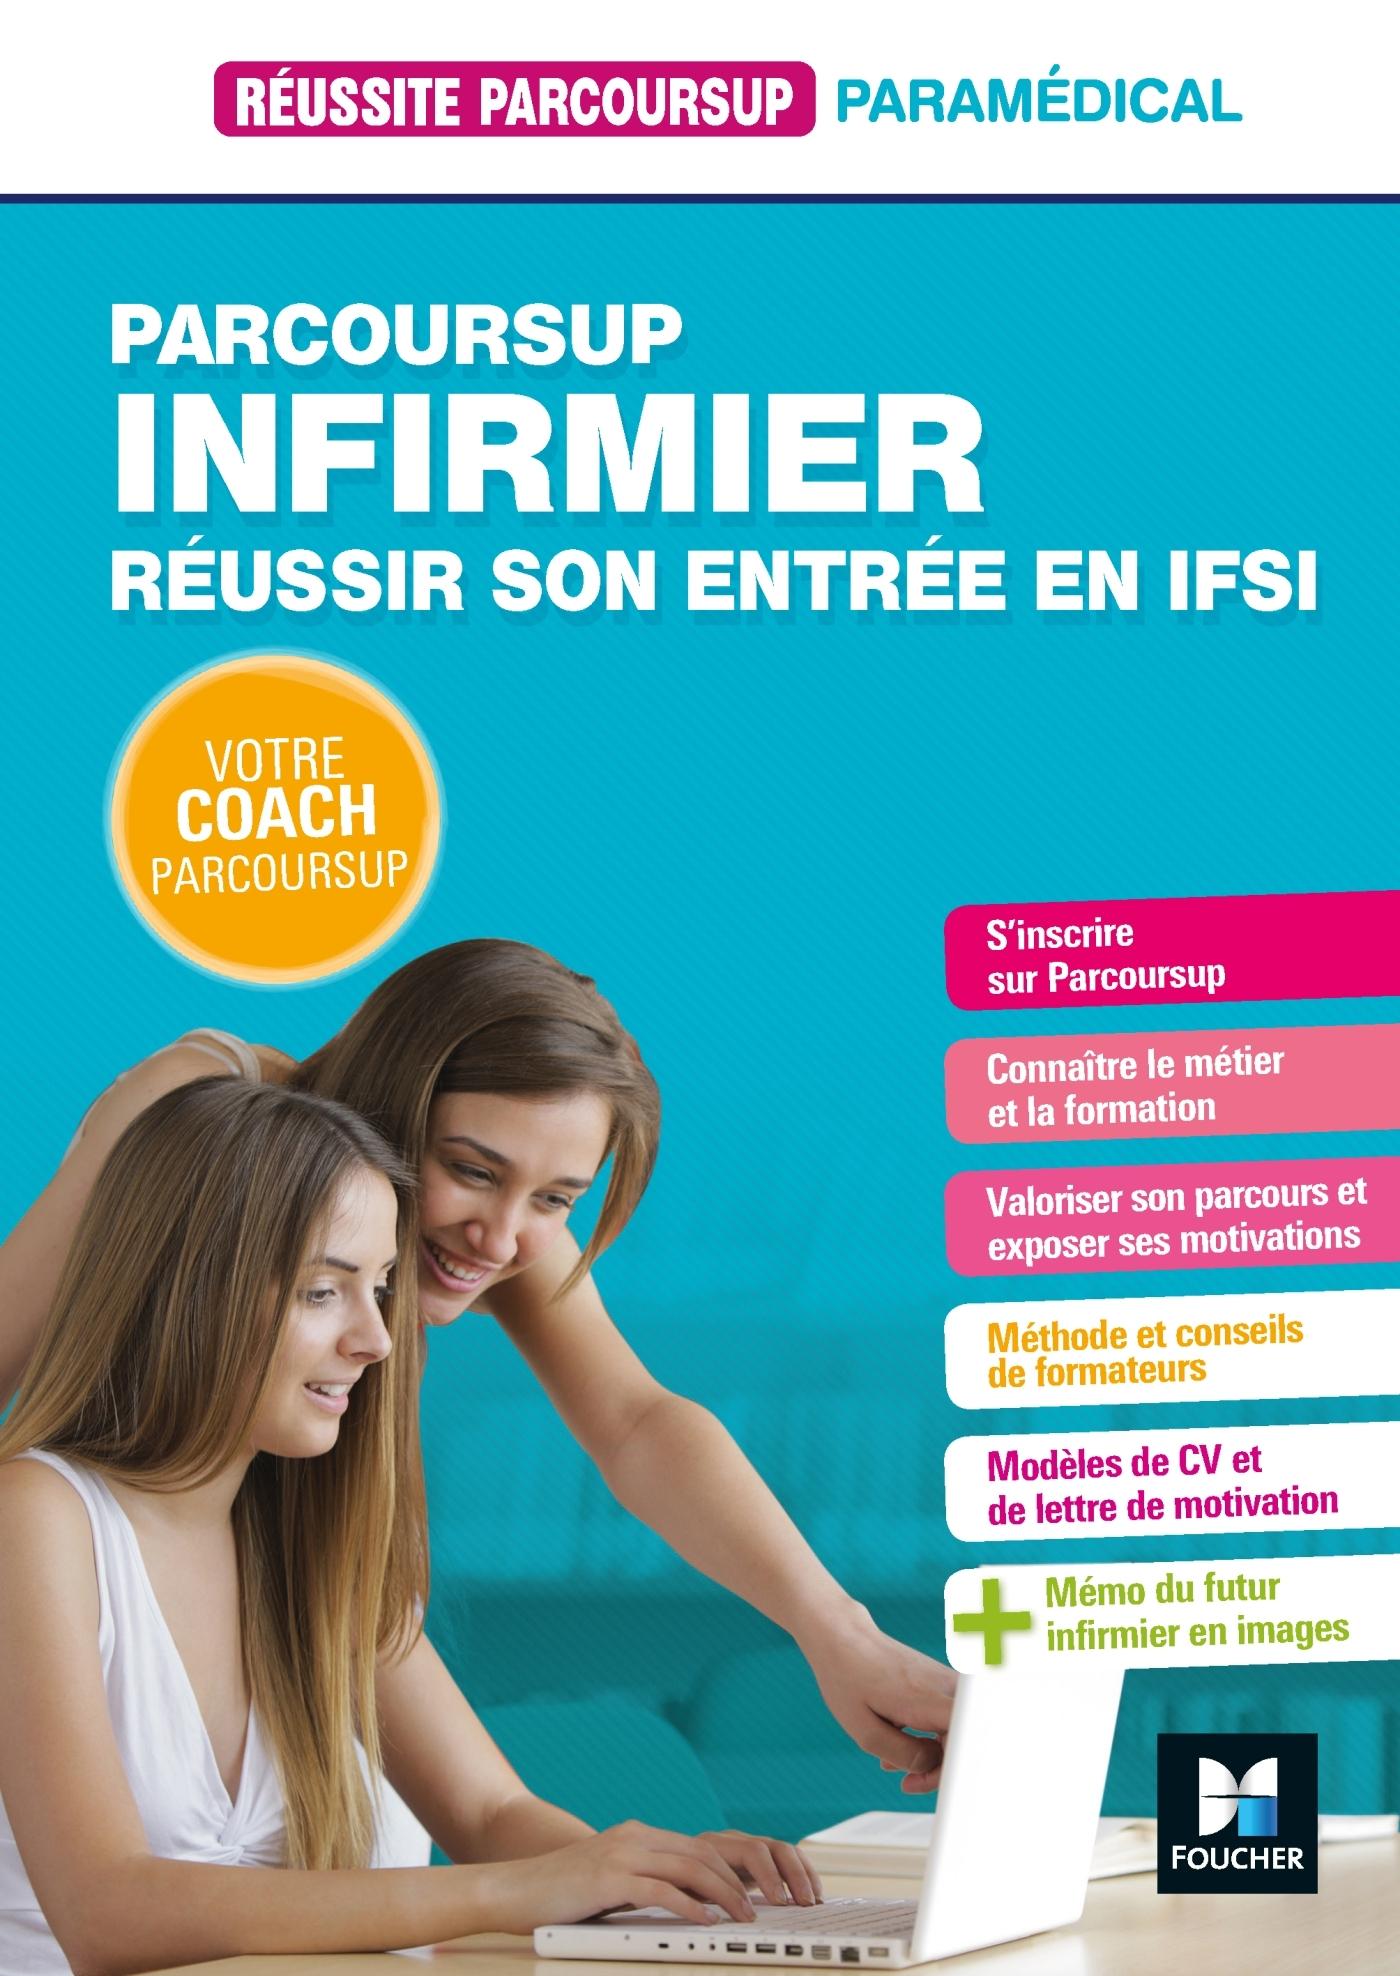 REUSSITE PARCOURSUP - ENTREE EN IFSI